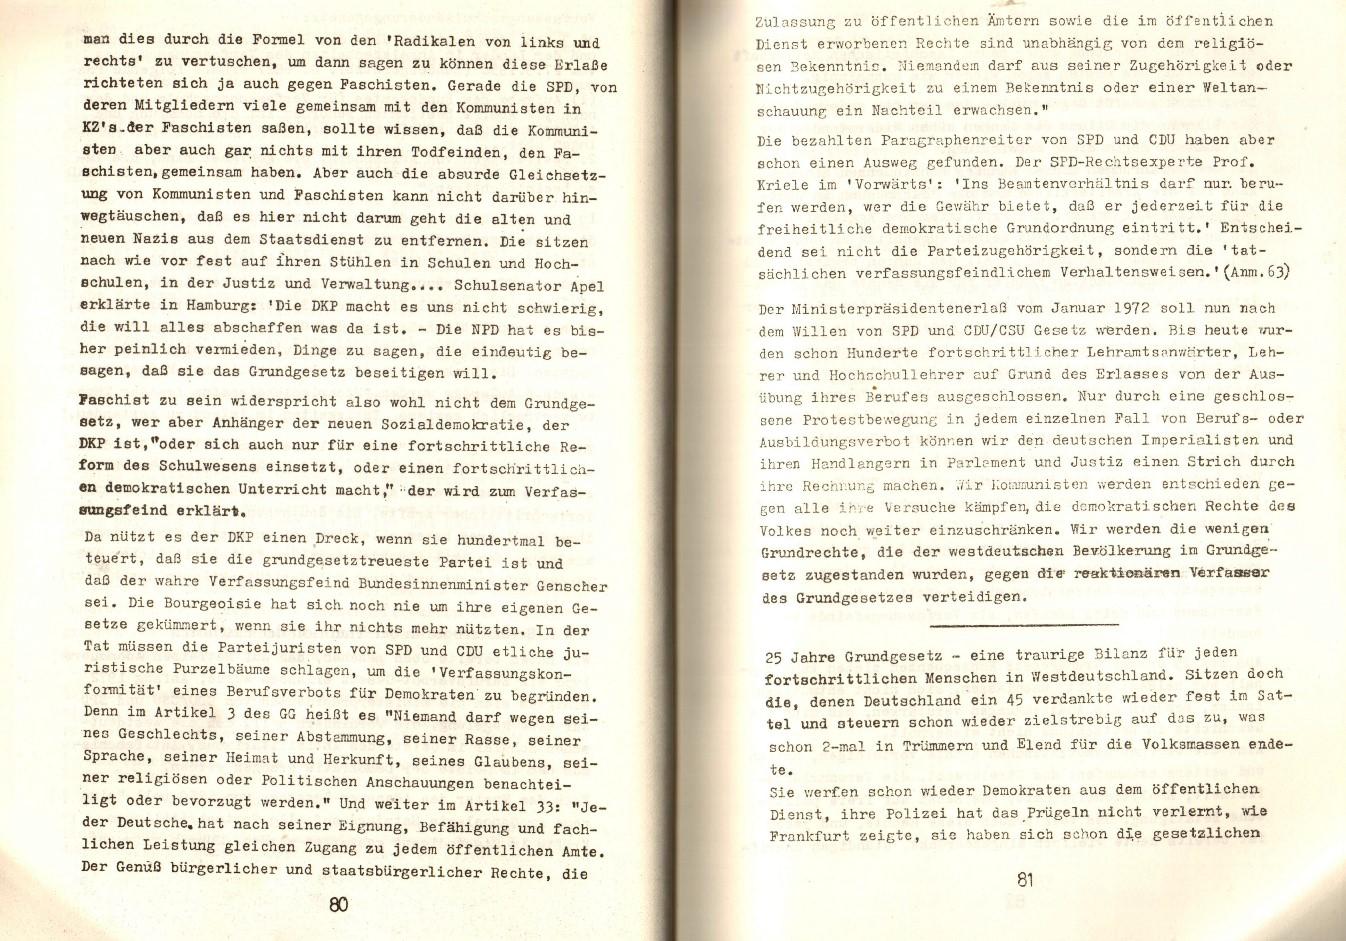 KHB_RSF_1974_25_Jahre_Grundgesetz_43